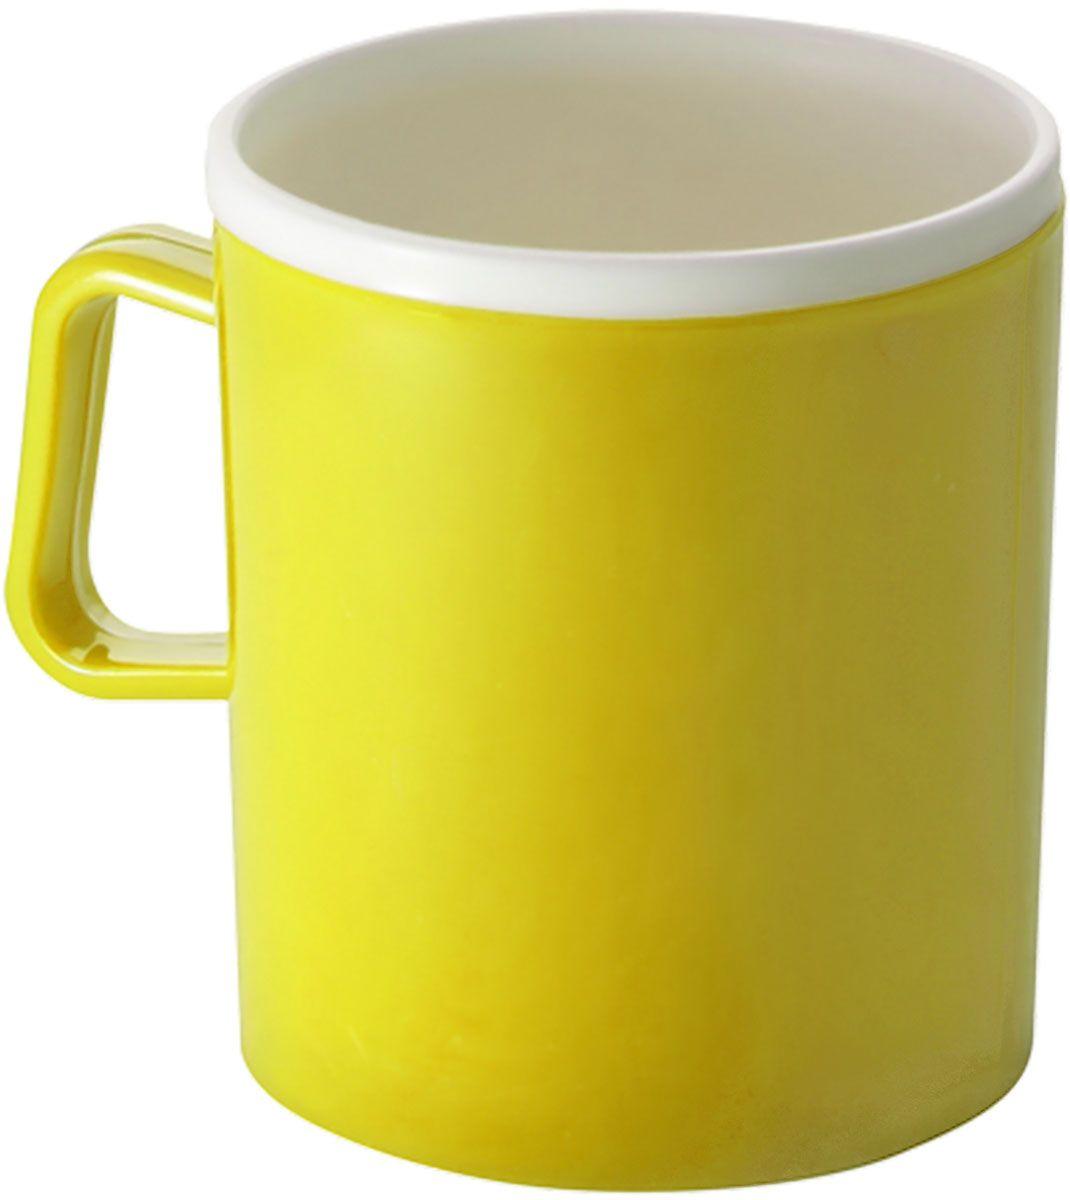 Термокружка Plastic Centre, двойная, цвет: желтый, 350 млПЦ1120ЛМНТермокружка Plastic Centre с двойными стенками предназначена для горячих напитков и прекрасно сохраняет их температуру. Прочный пластик подходит для многократного использования. Легкую кружку удобно взять с собой на природу или в поездку. Можно мыть в посудомоечной машине.Объем кружки: 350 мл.Высота кружки: 10 см.